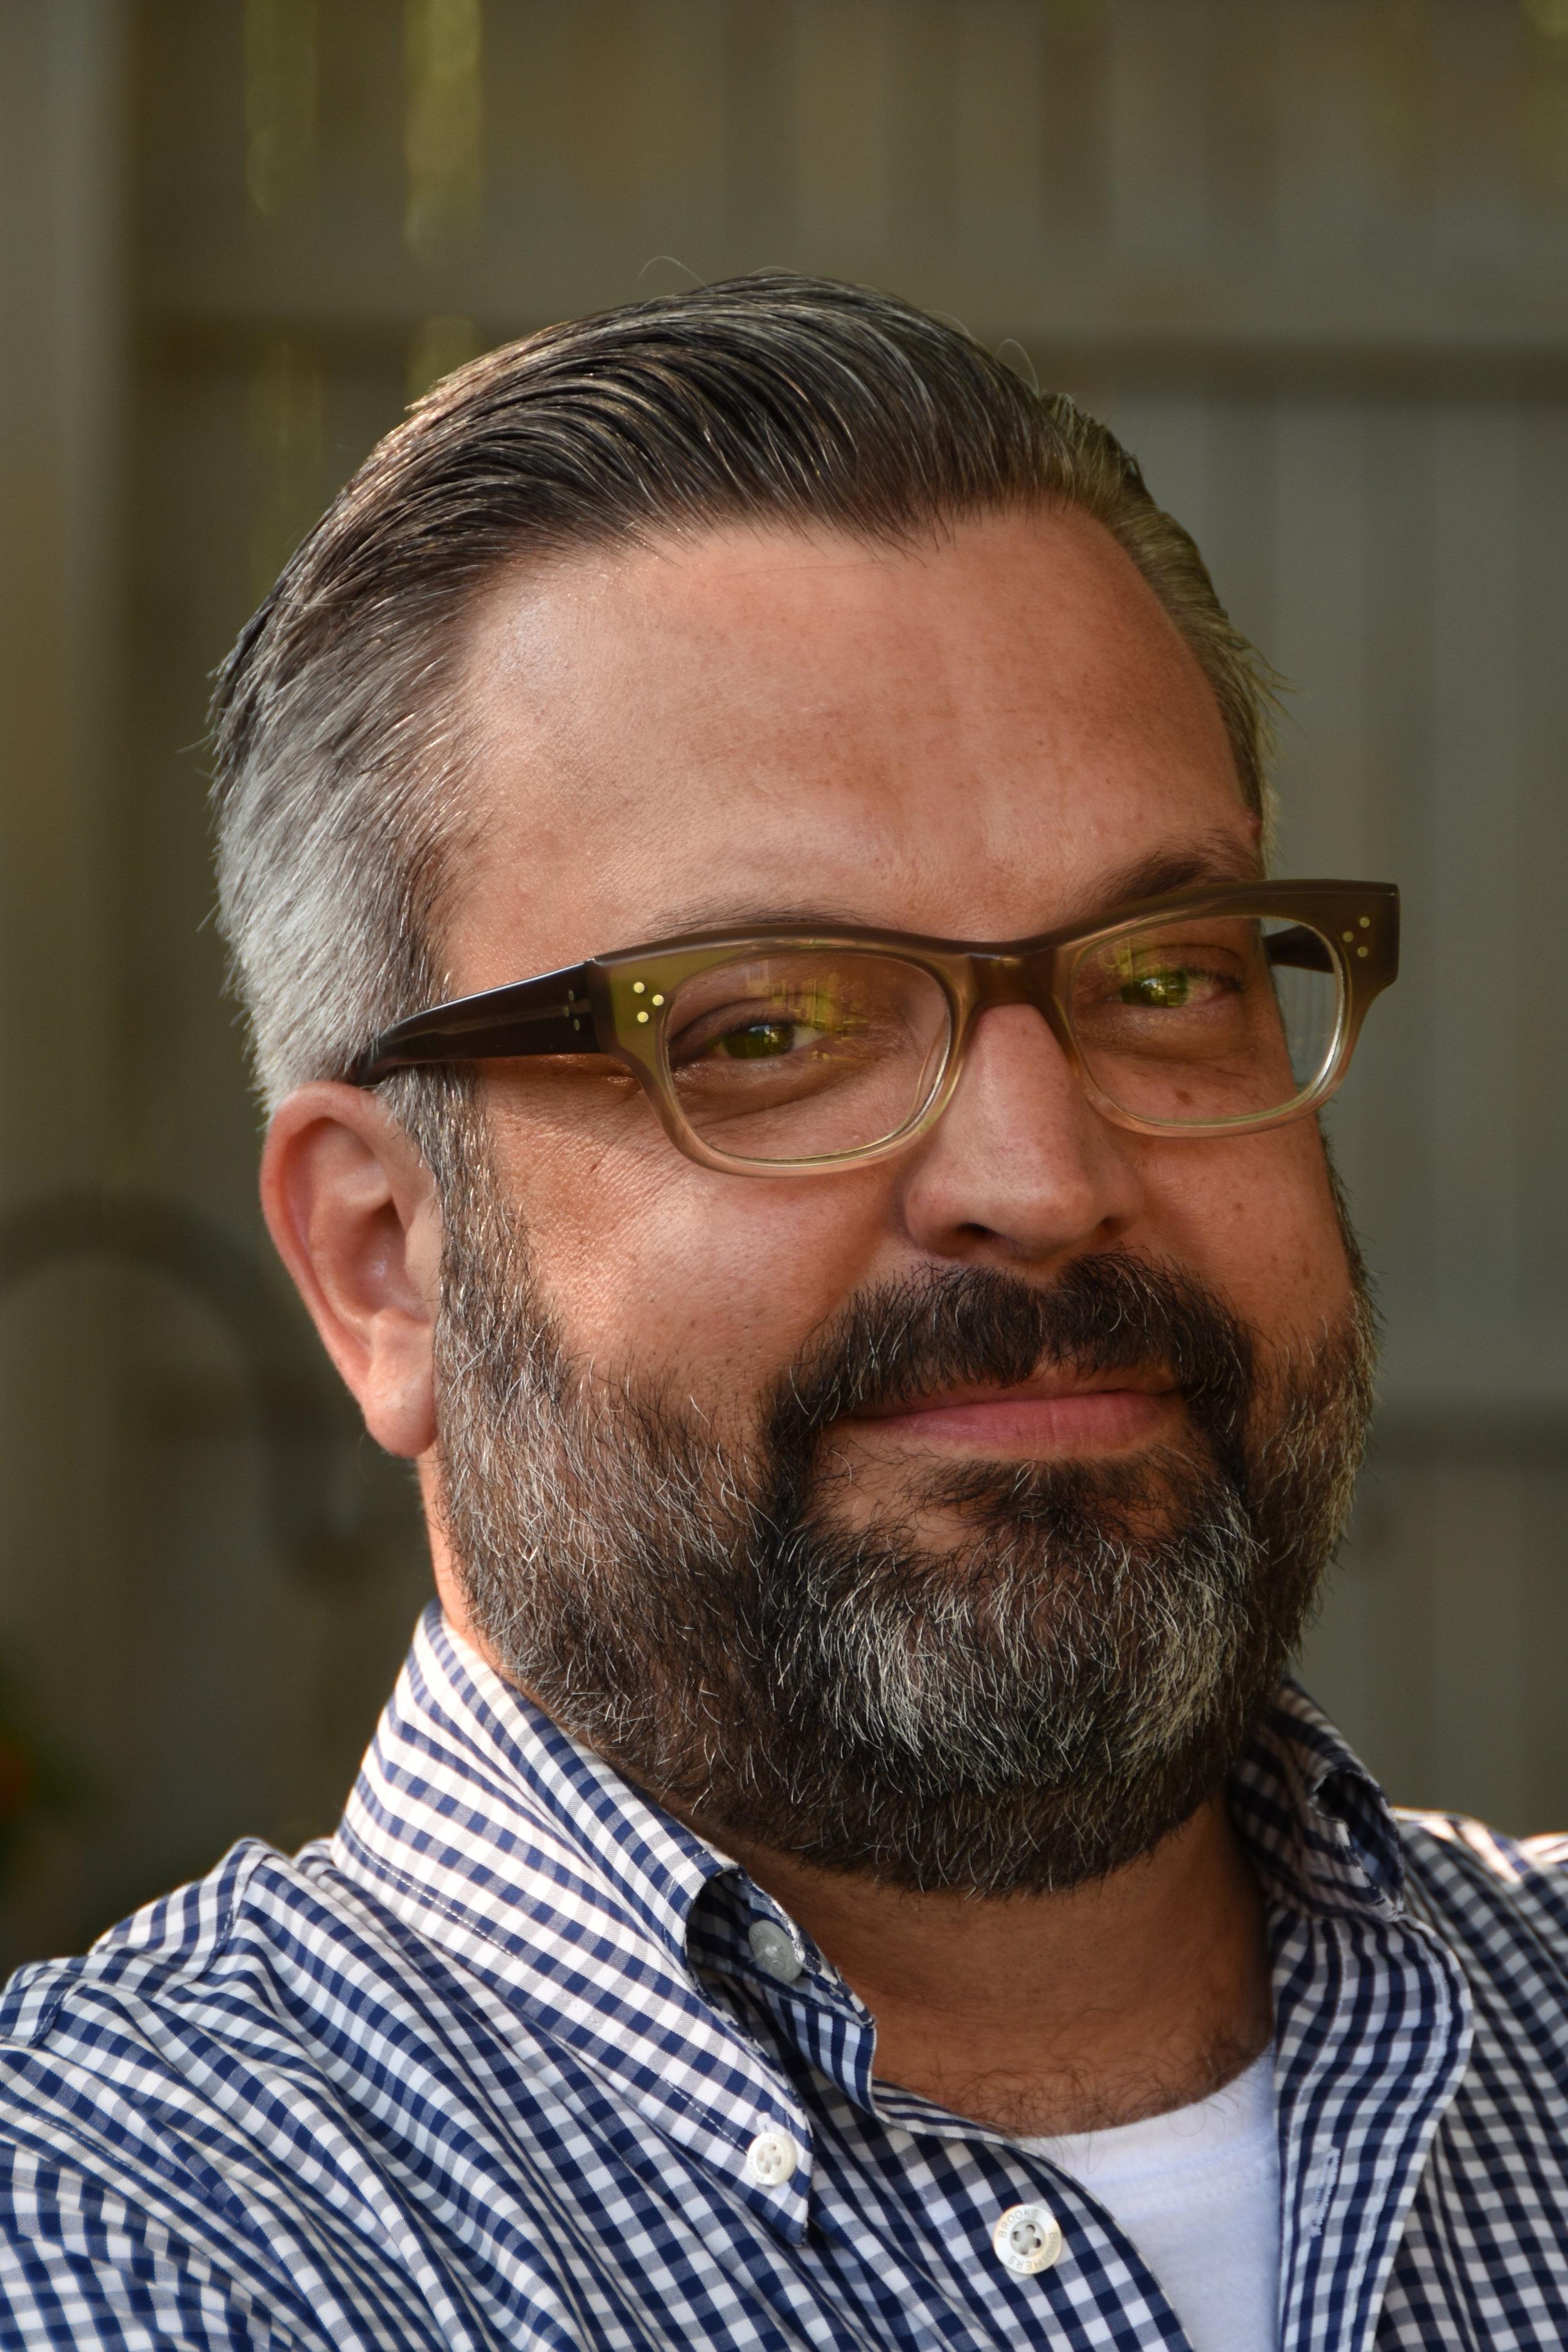 Dave Werner headshot.JPG